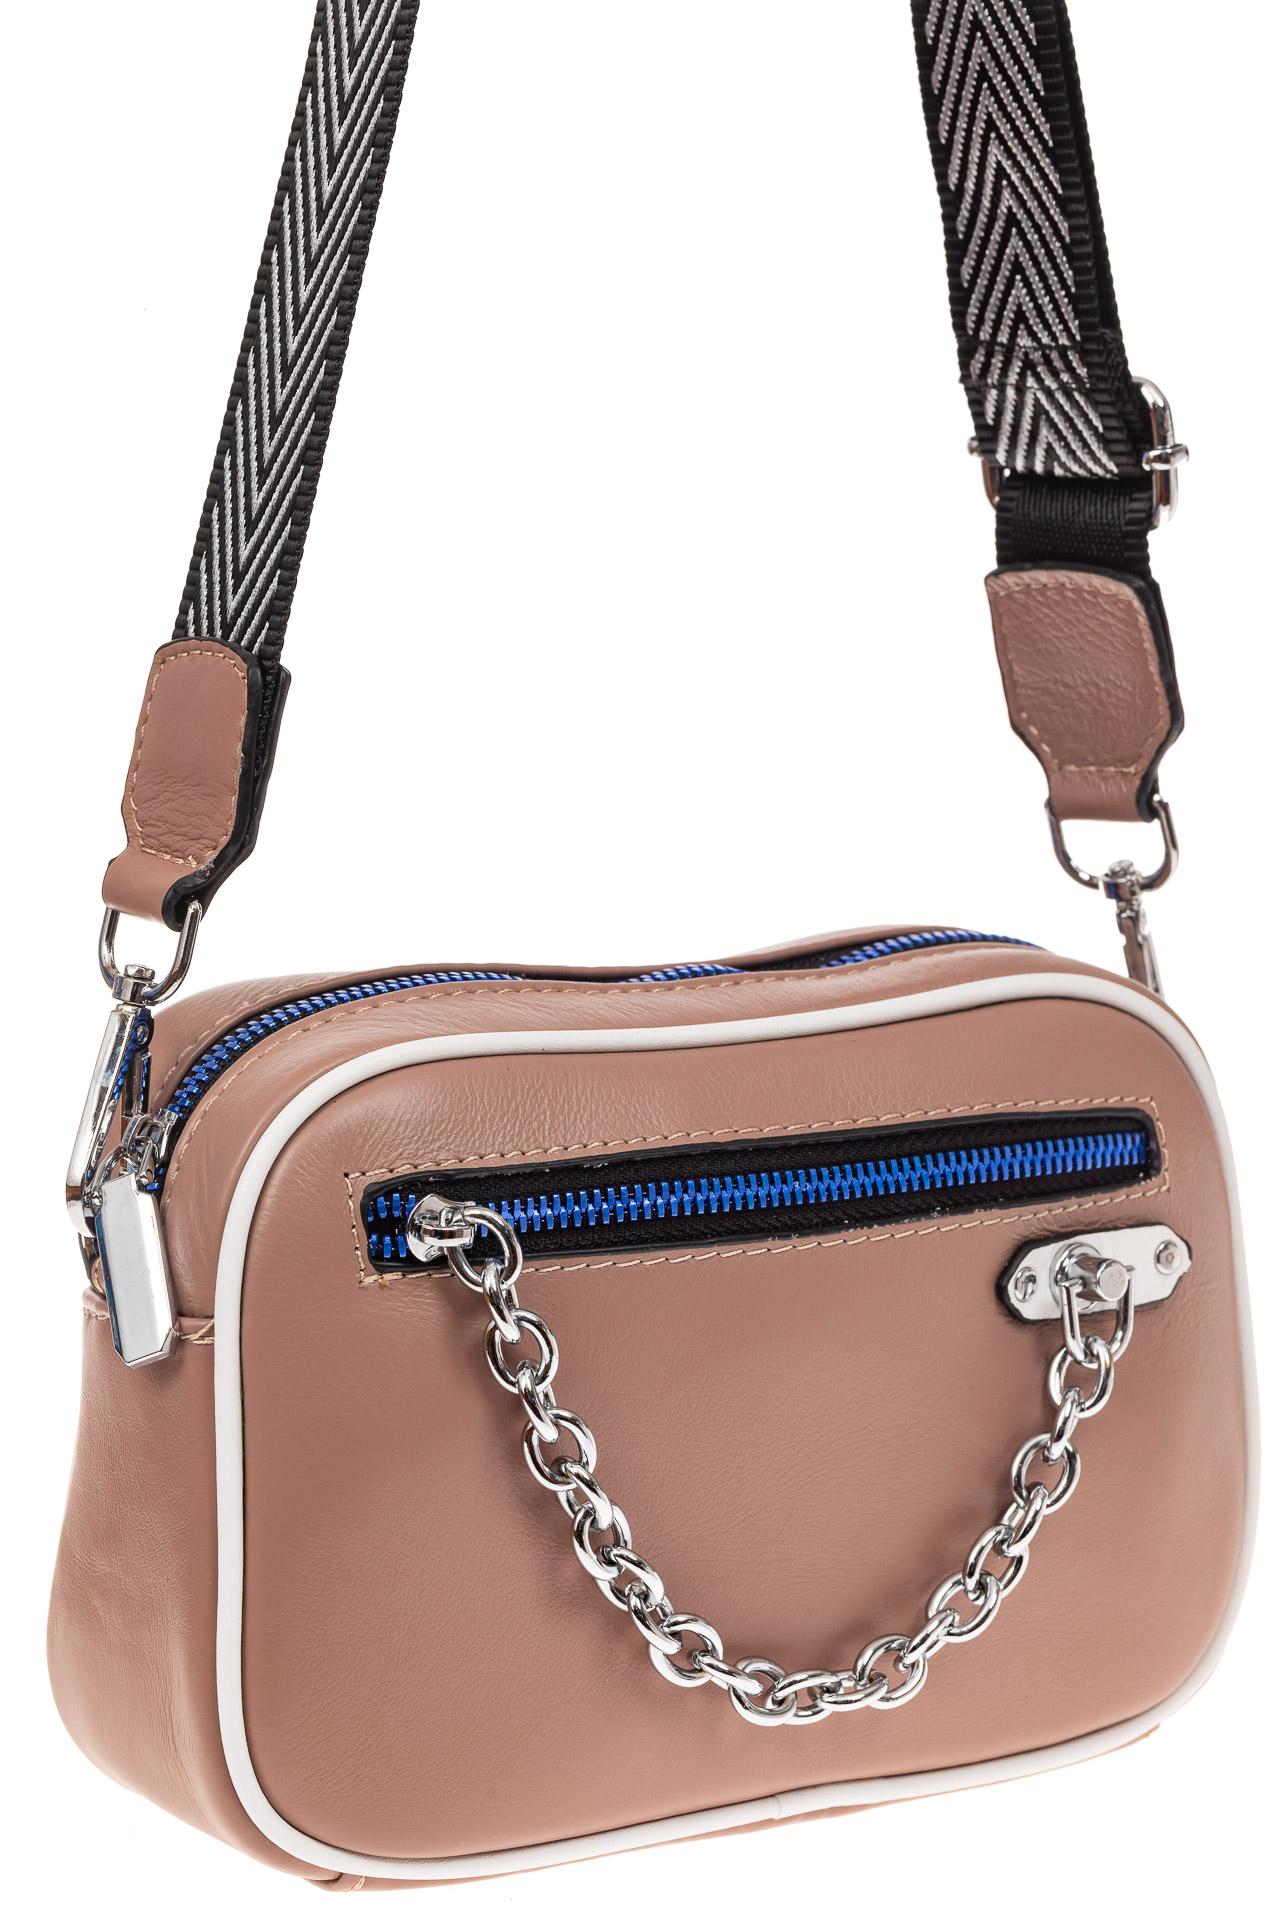 Молодежная сумка из натуральной кожи, цвет бежевый